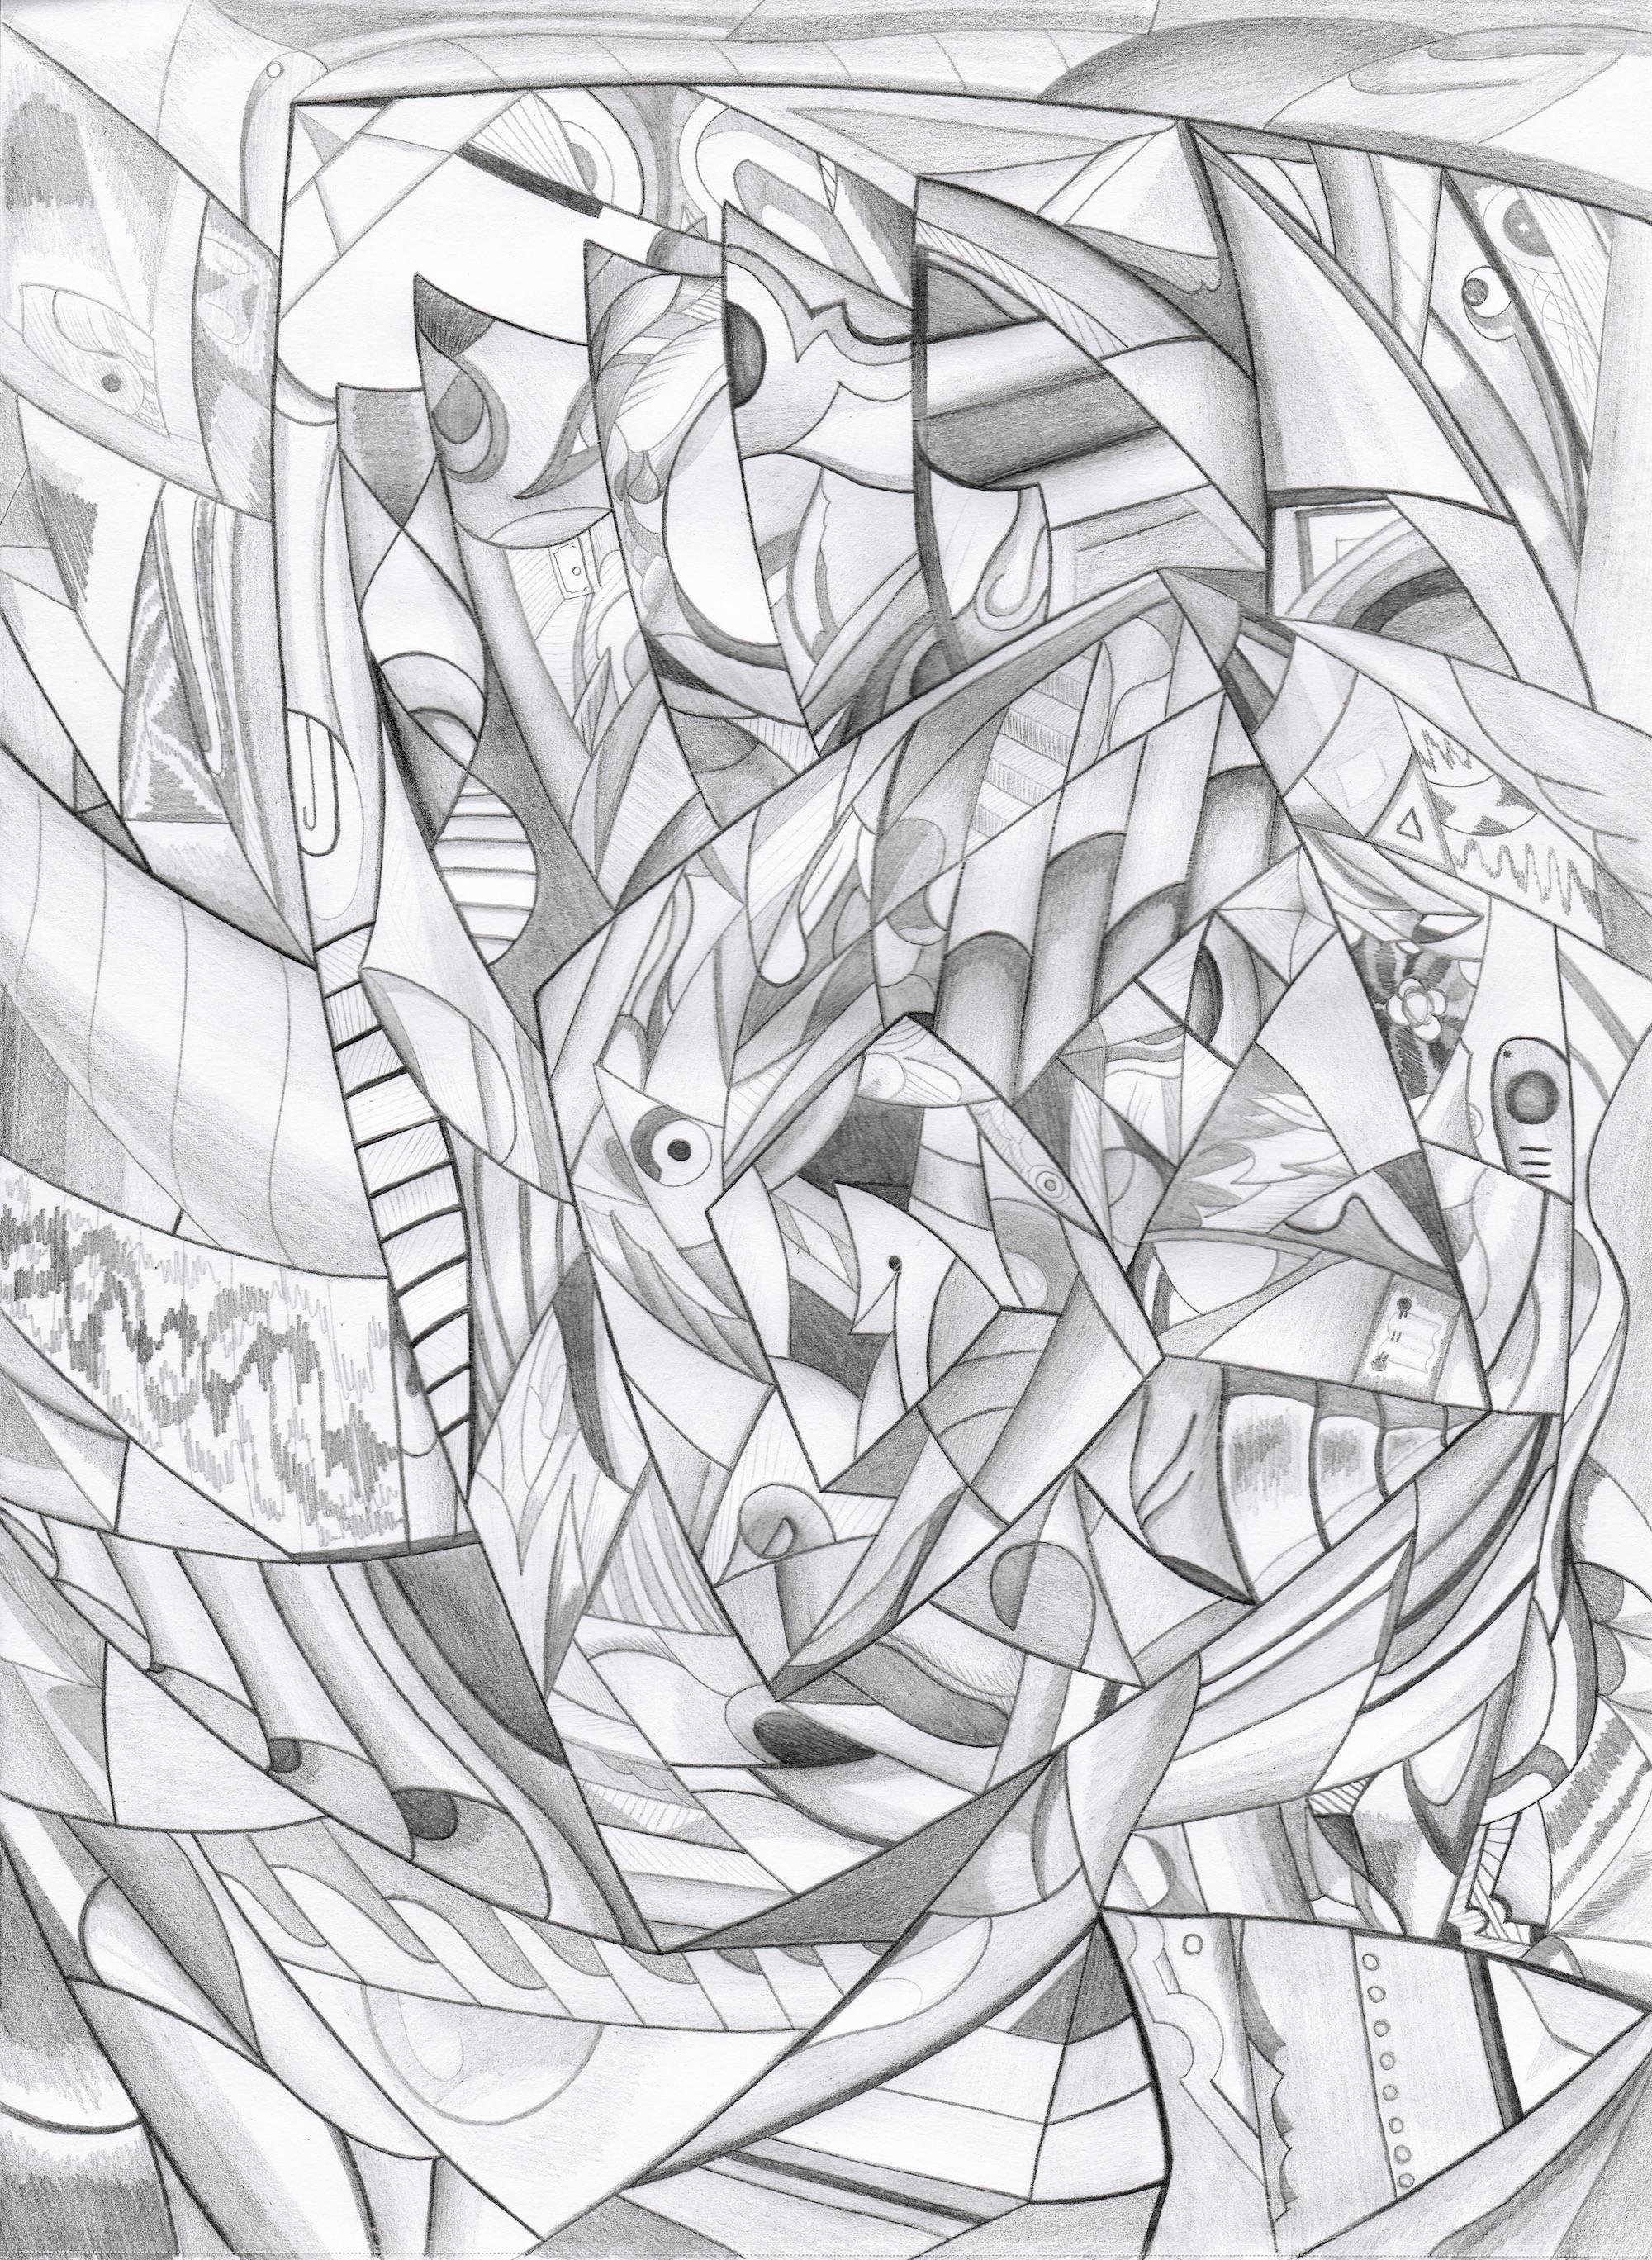 2000x2736 Brecht Corbeel Abstract Surrealism Drawing Art Brecht